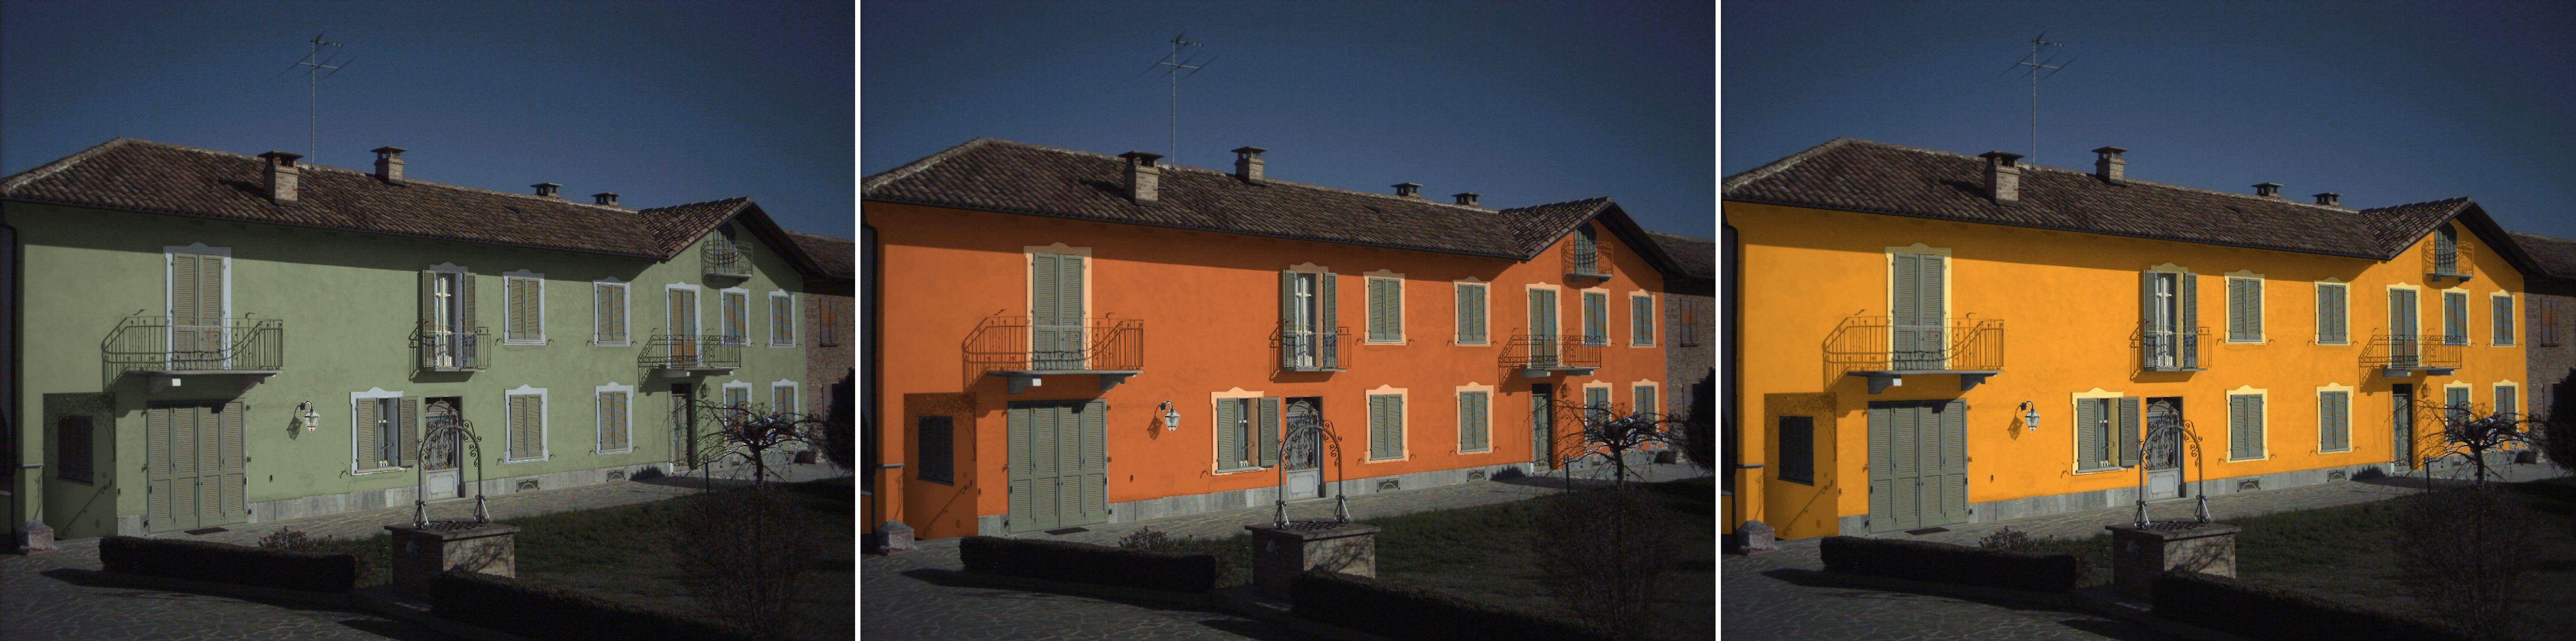 Programma per colorare casa esterno trattamento marmo cucina - Colorare casa esterno ...